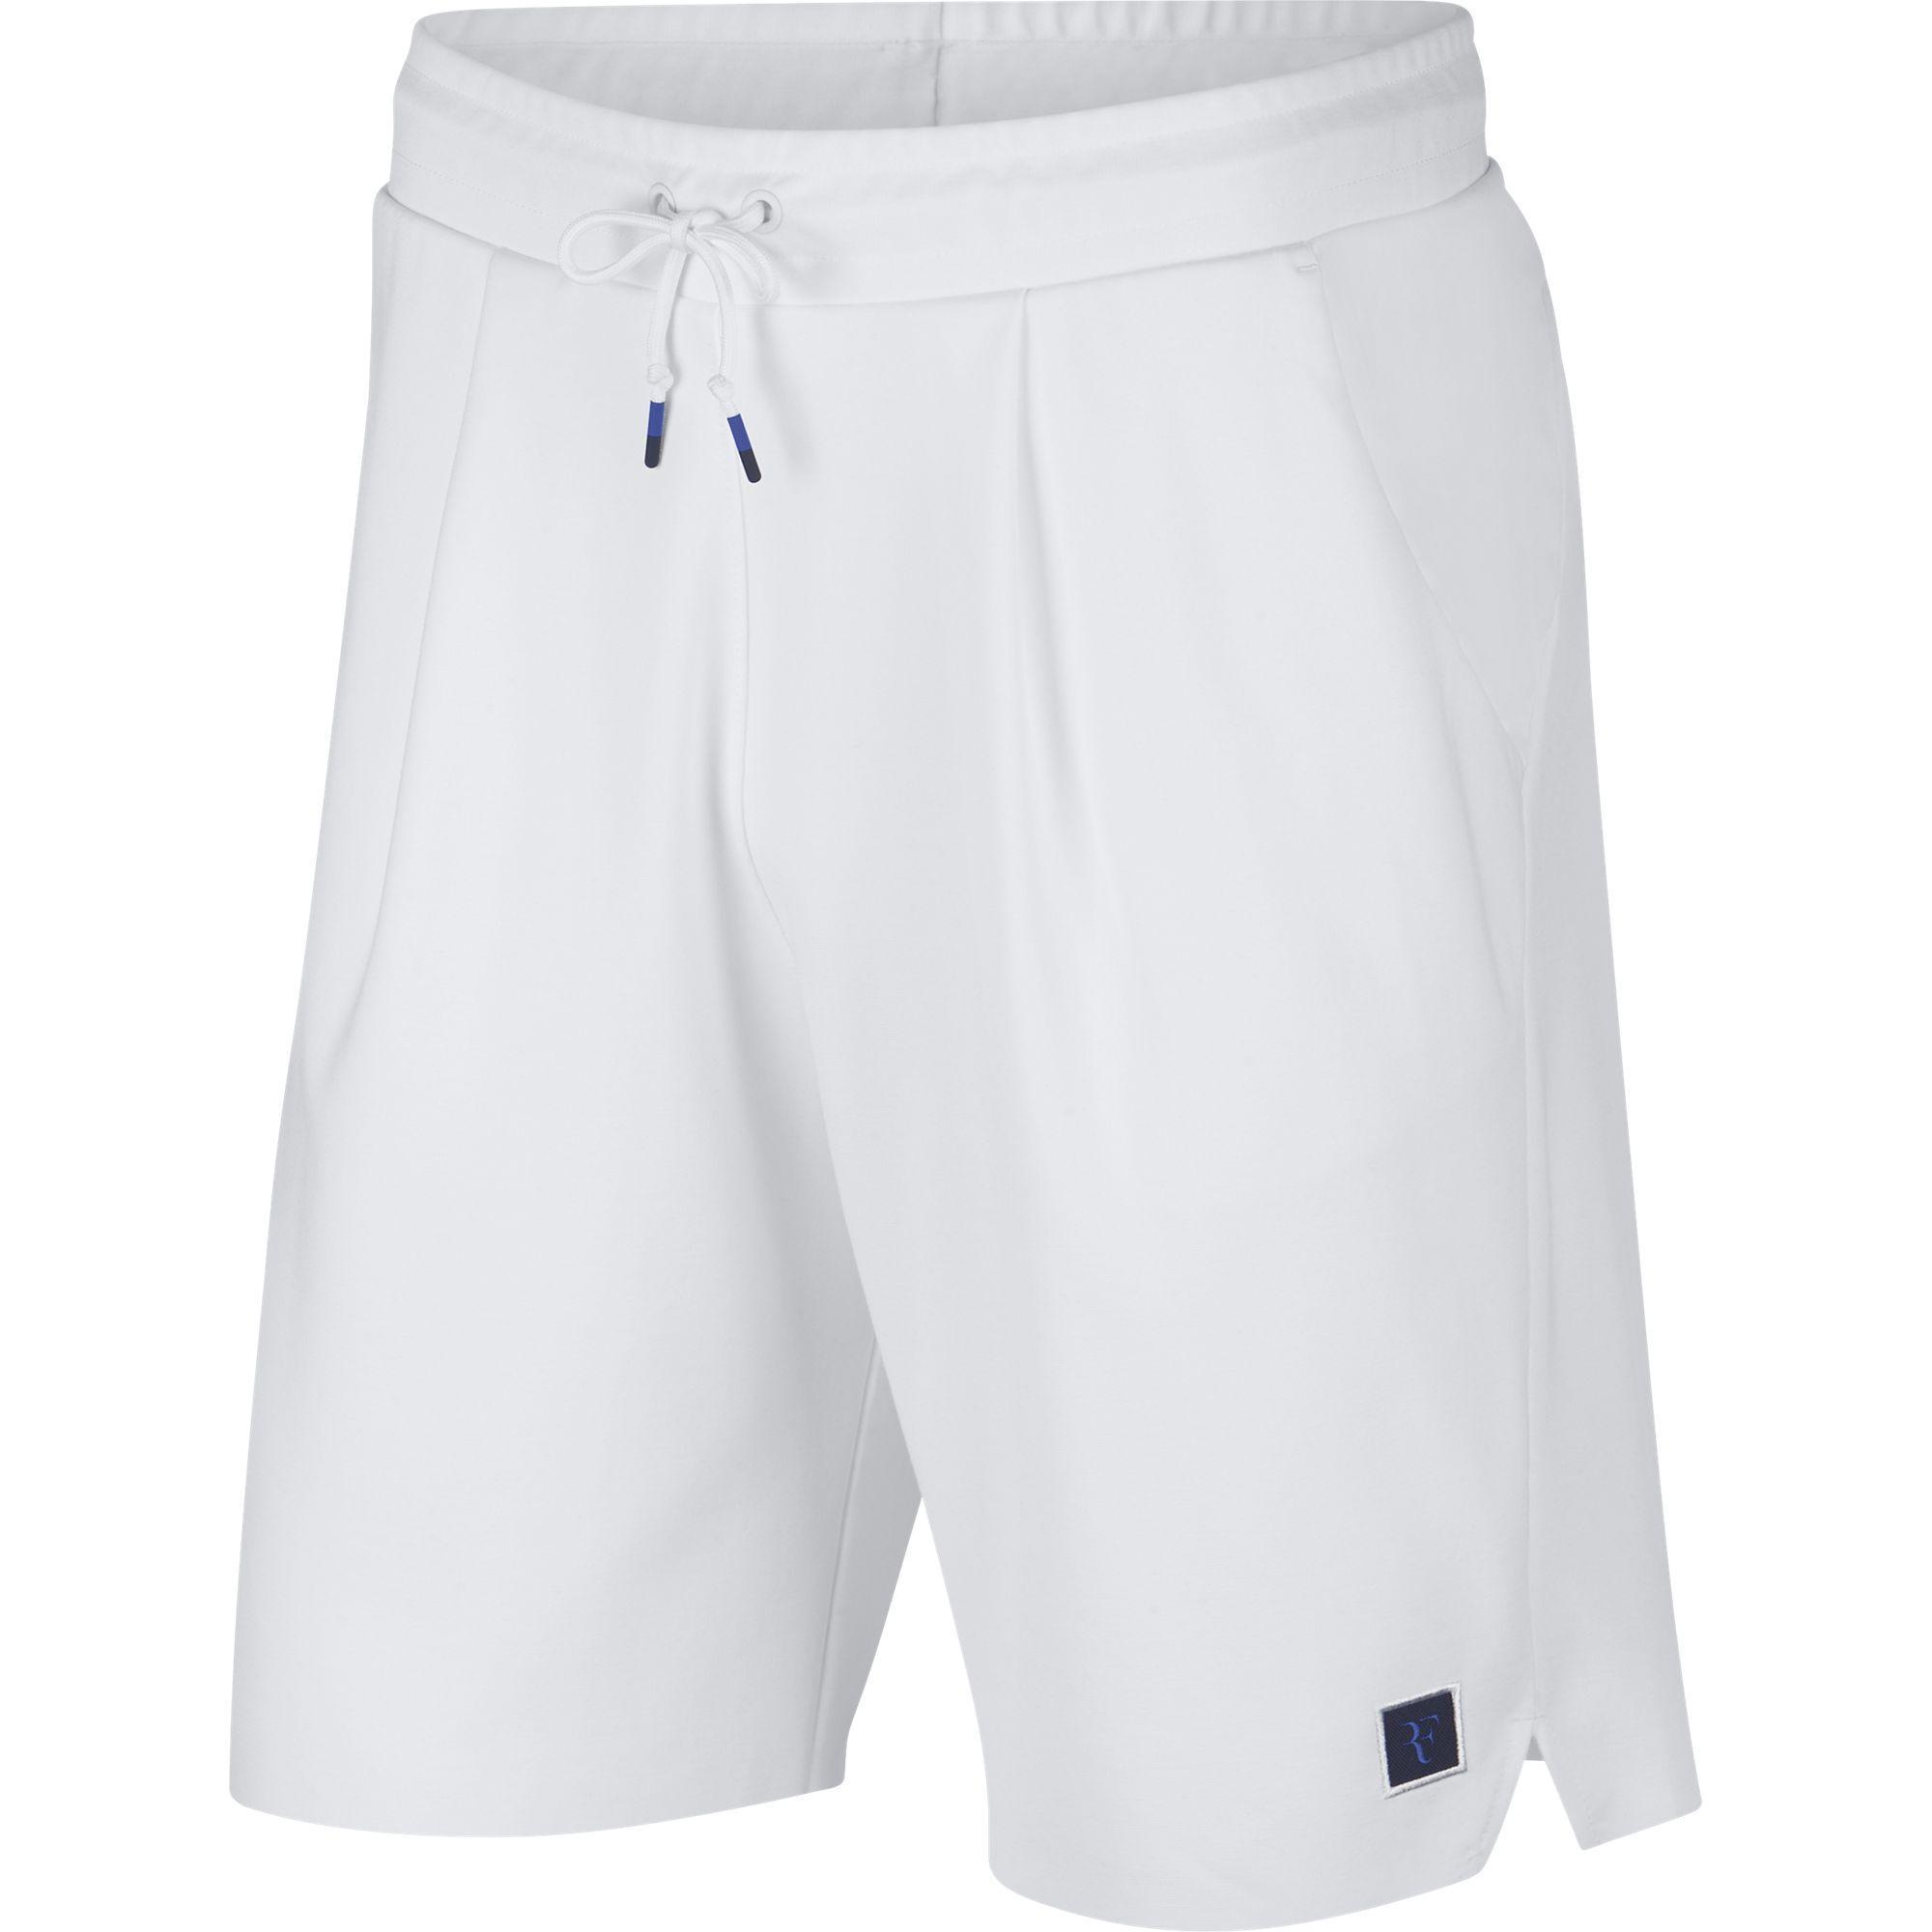 premium selection fb292 1b187 Nike Mens RF Tennis Shorts - White - Tennisnuts.com